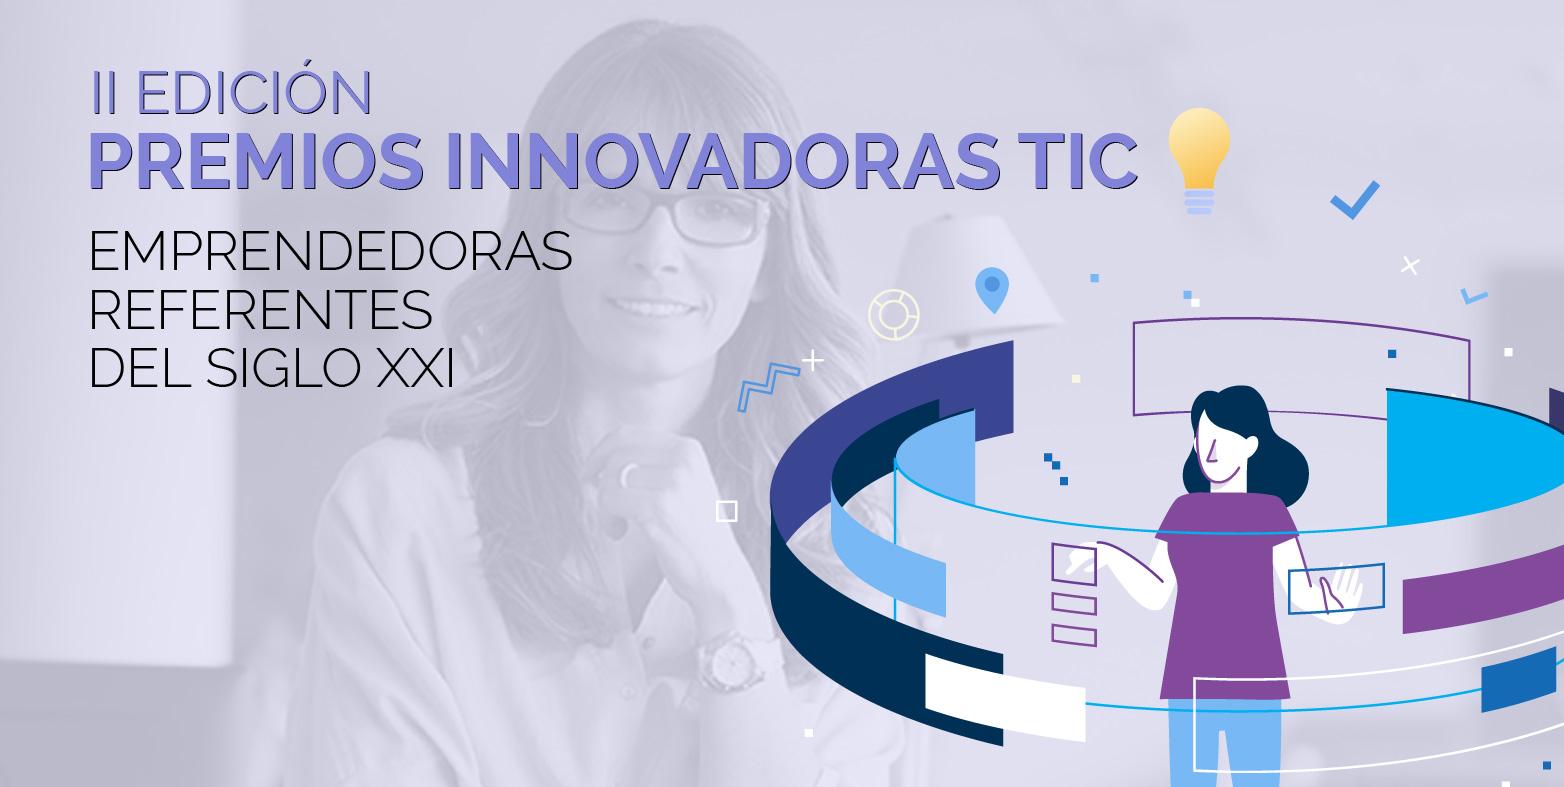 II Edición Premios Innovadoras TIC: presenta tu proyecto